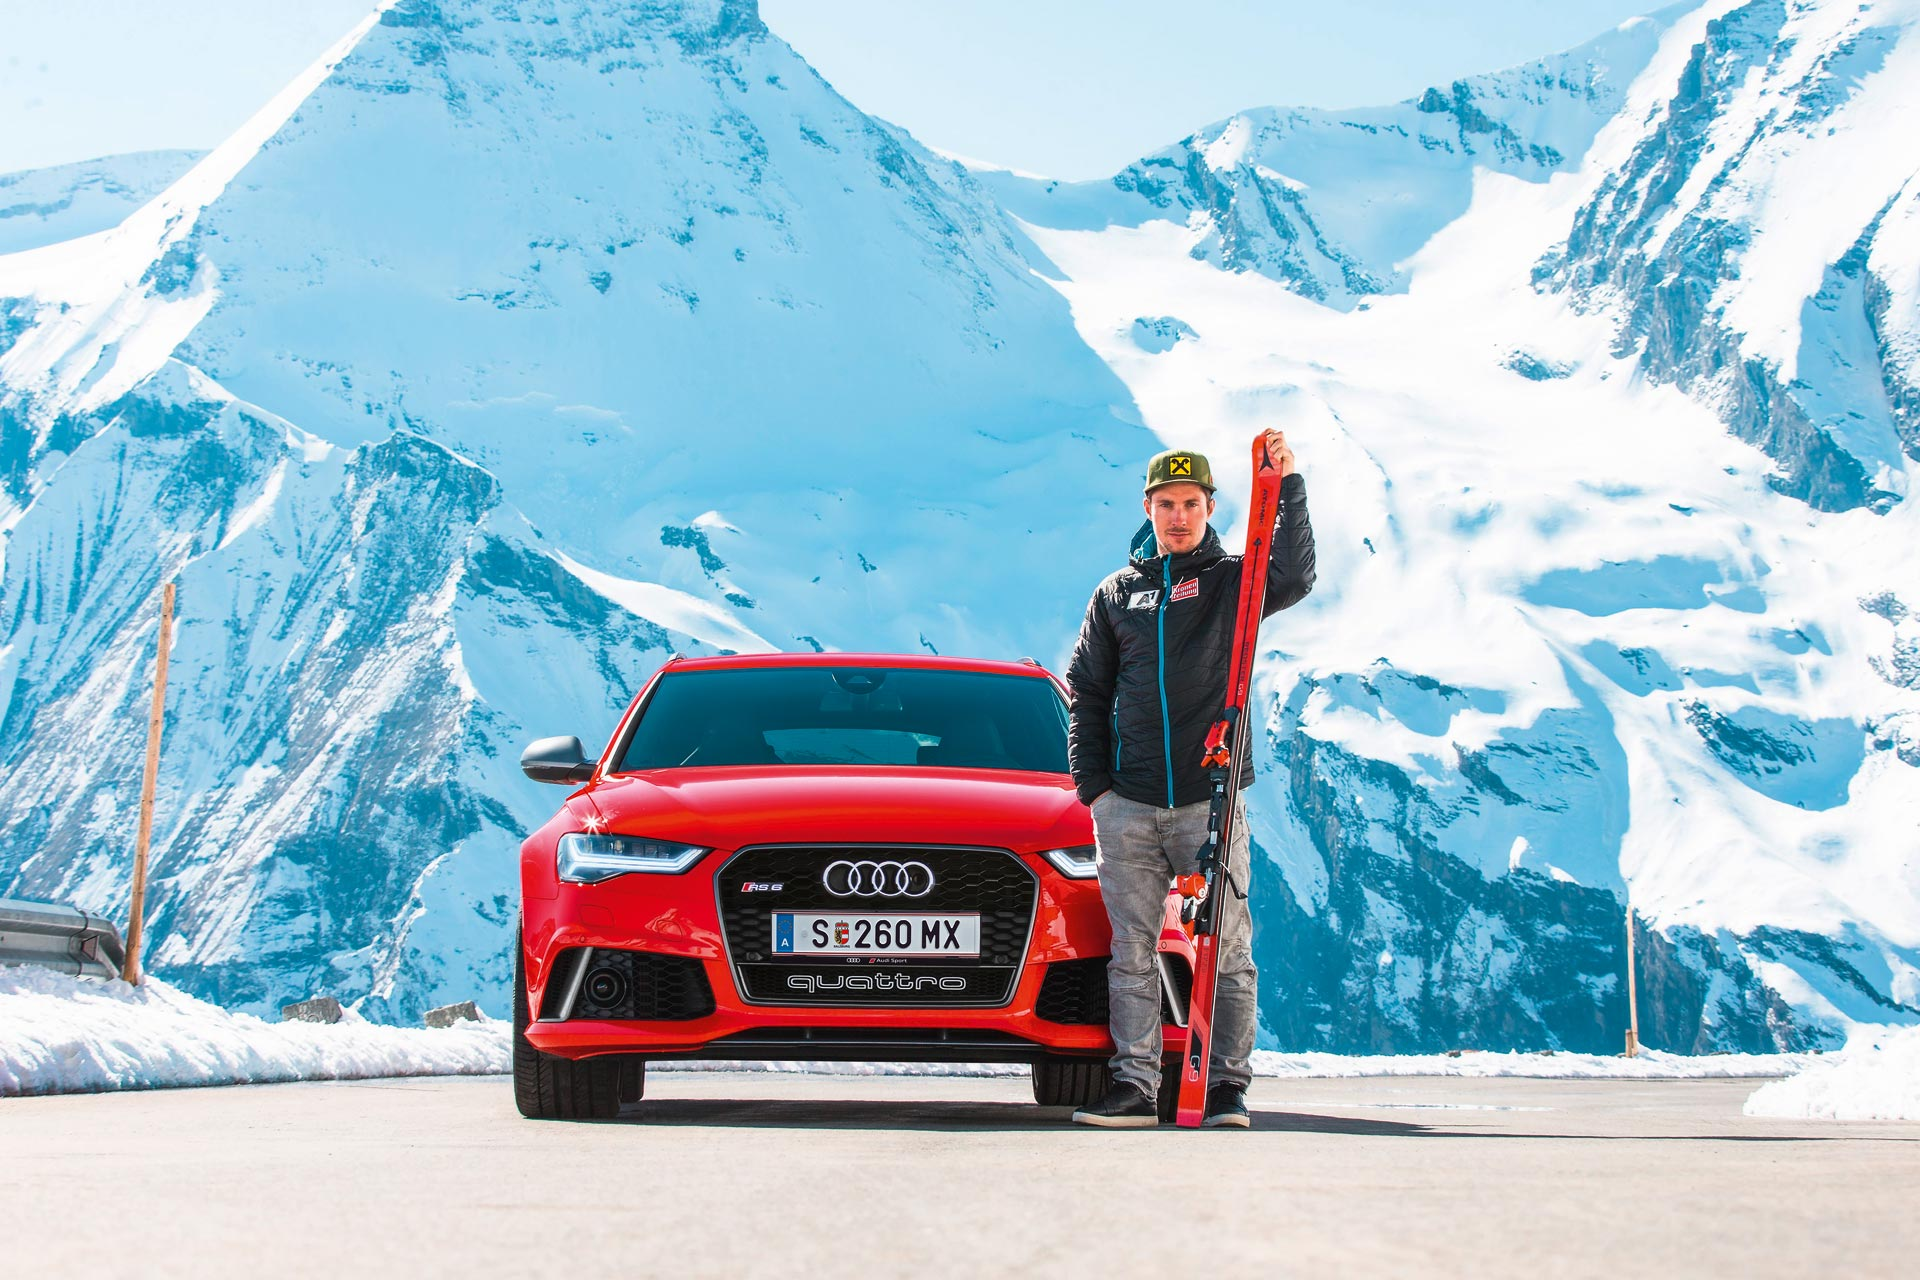 Marcel Hirscher mit dem neuen Atomic Redster G9 17/18 Ski